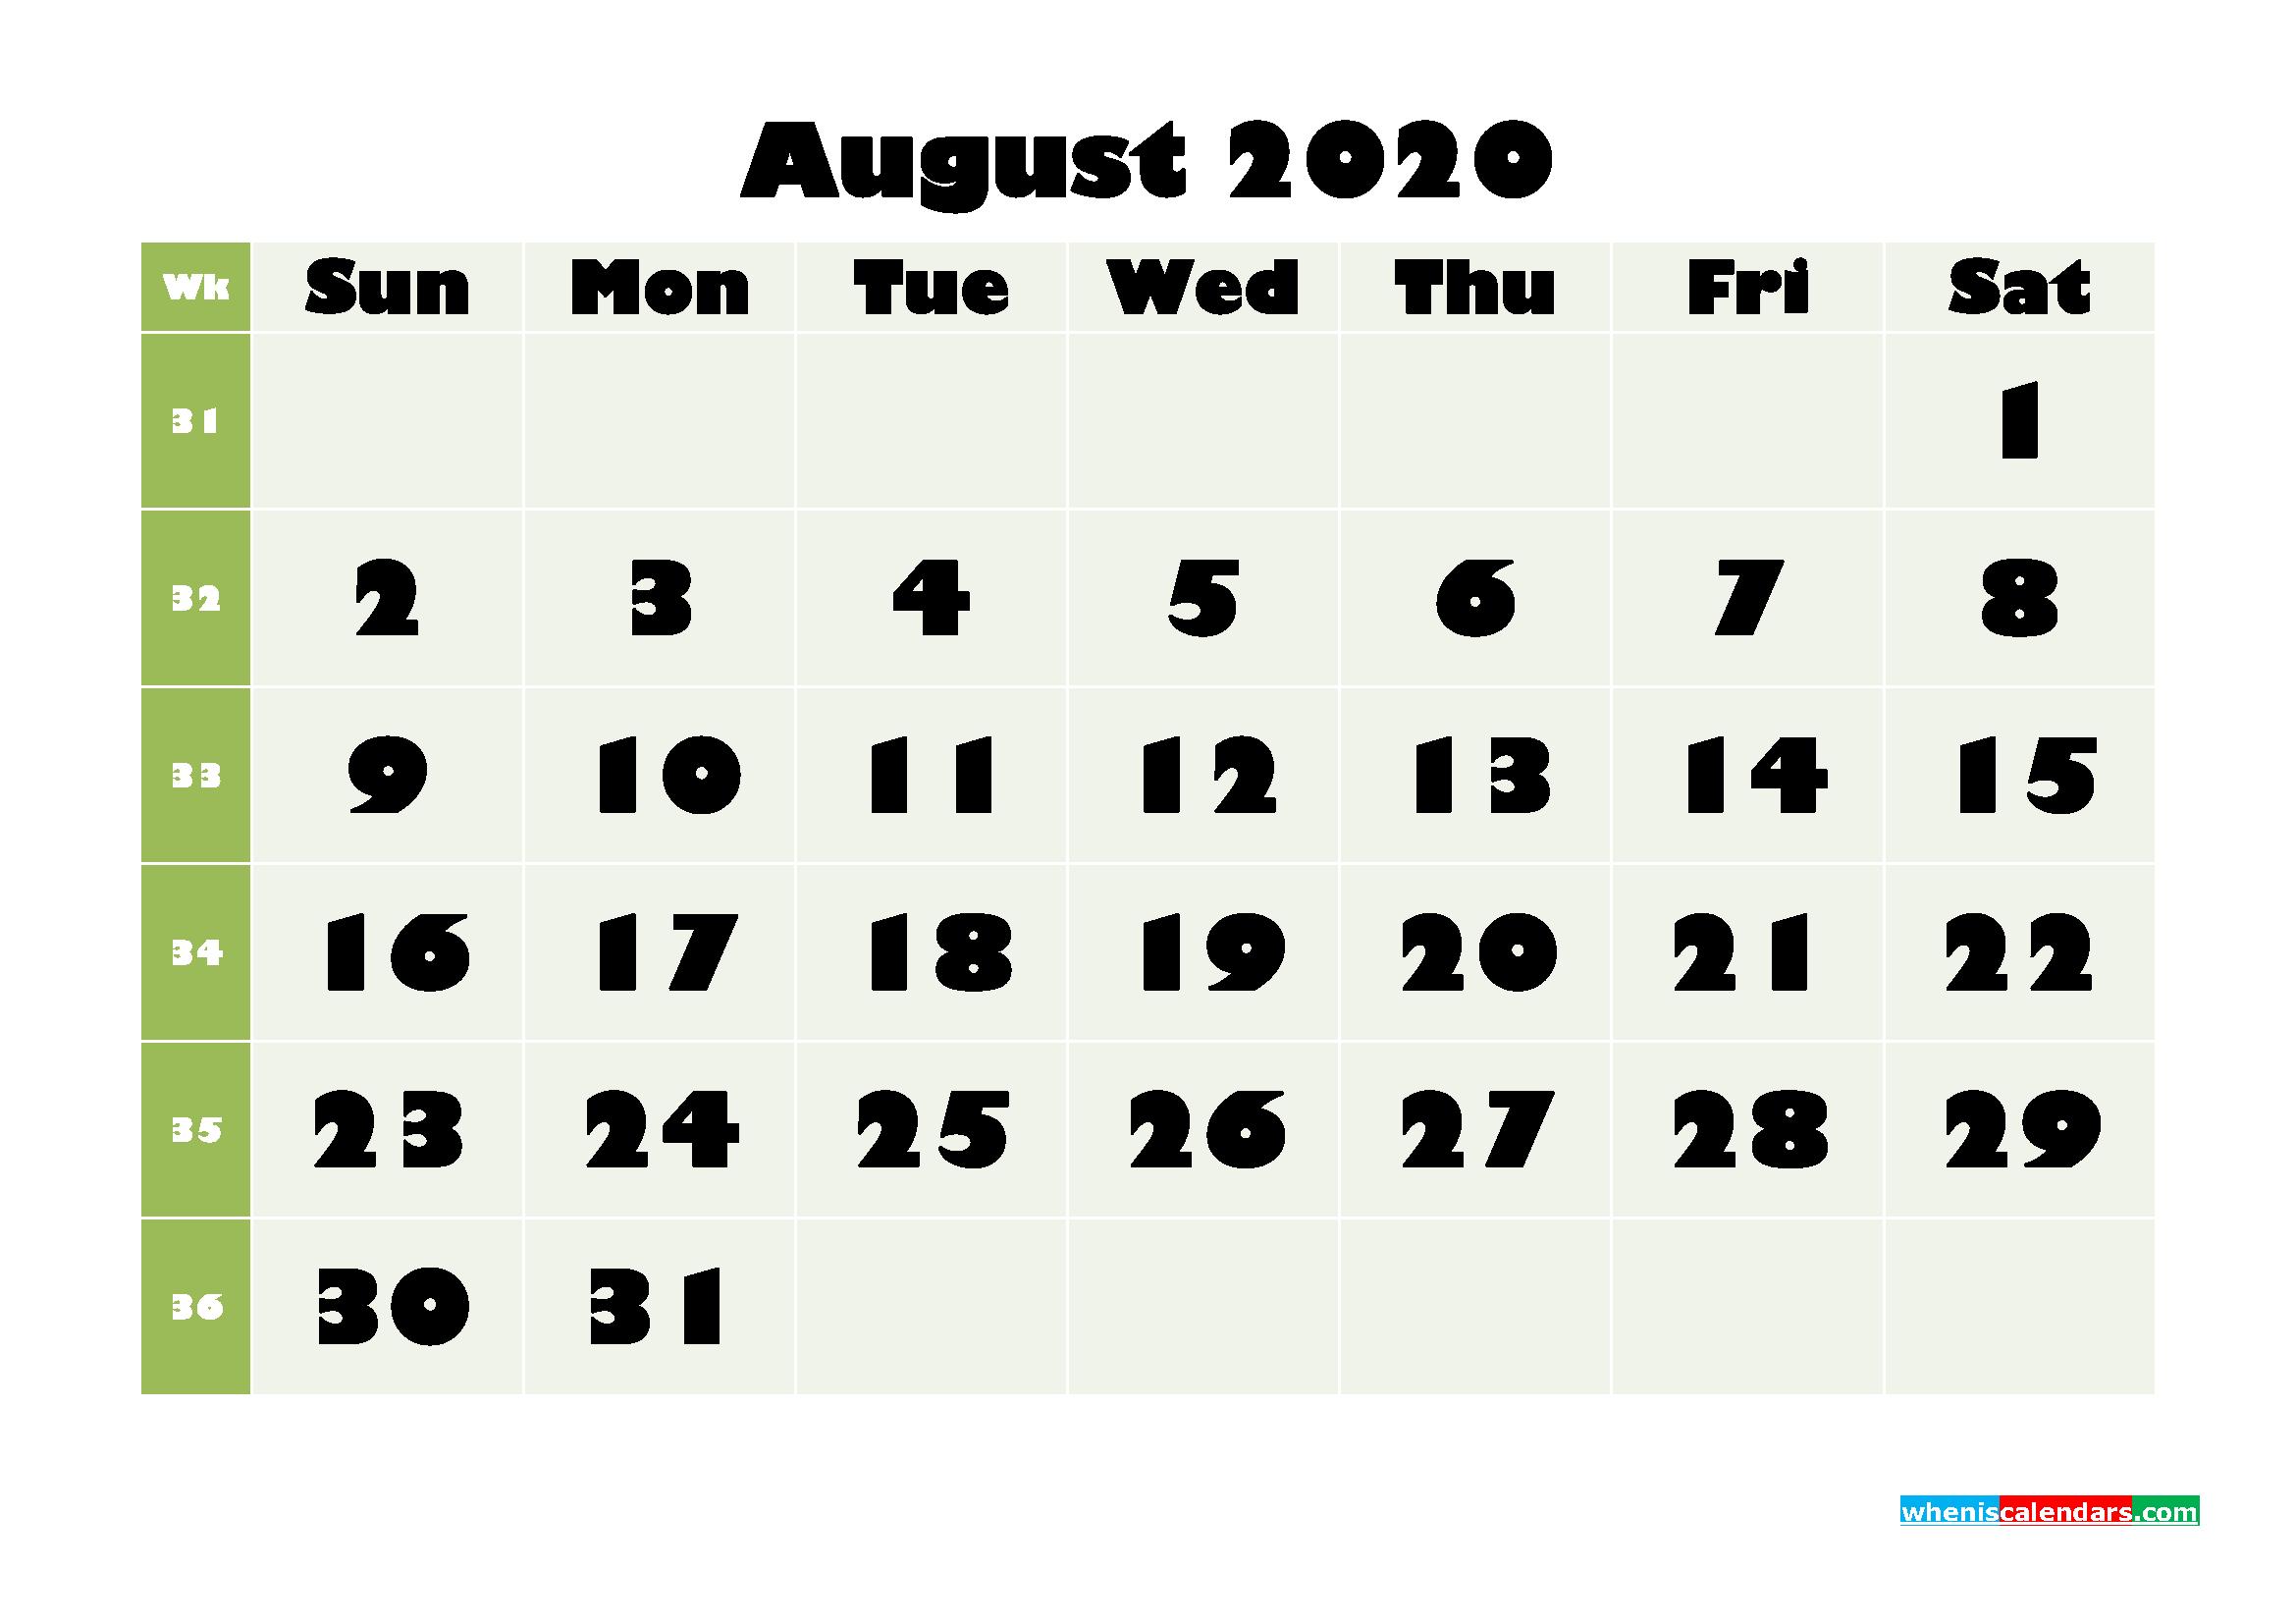 August Printable Calendar 2020 PDF, Word - No.m20b668